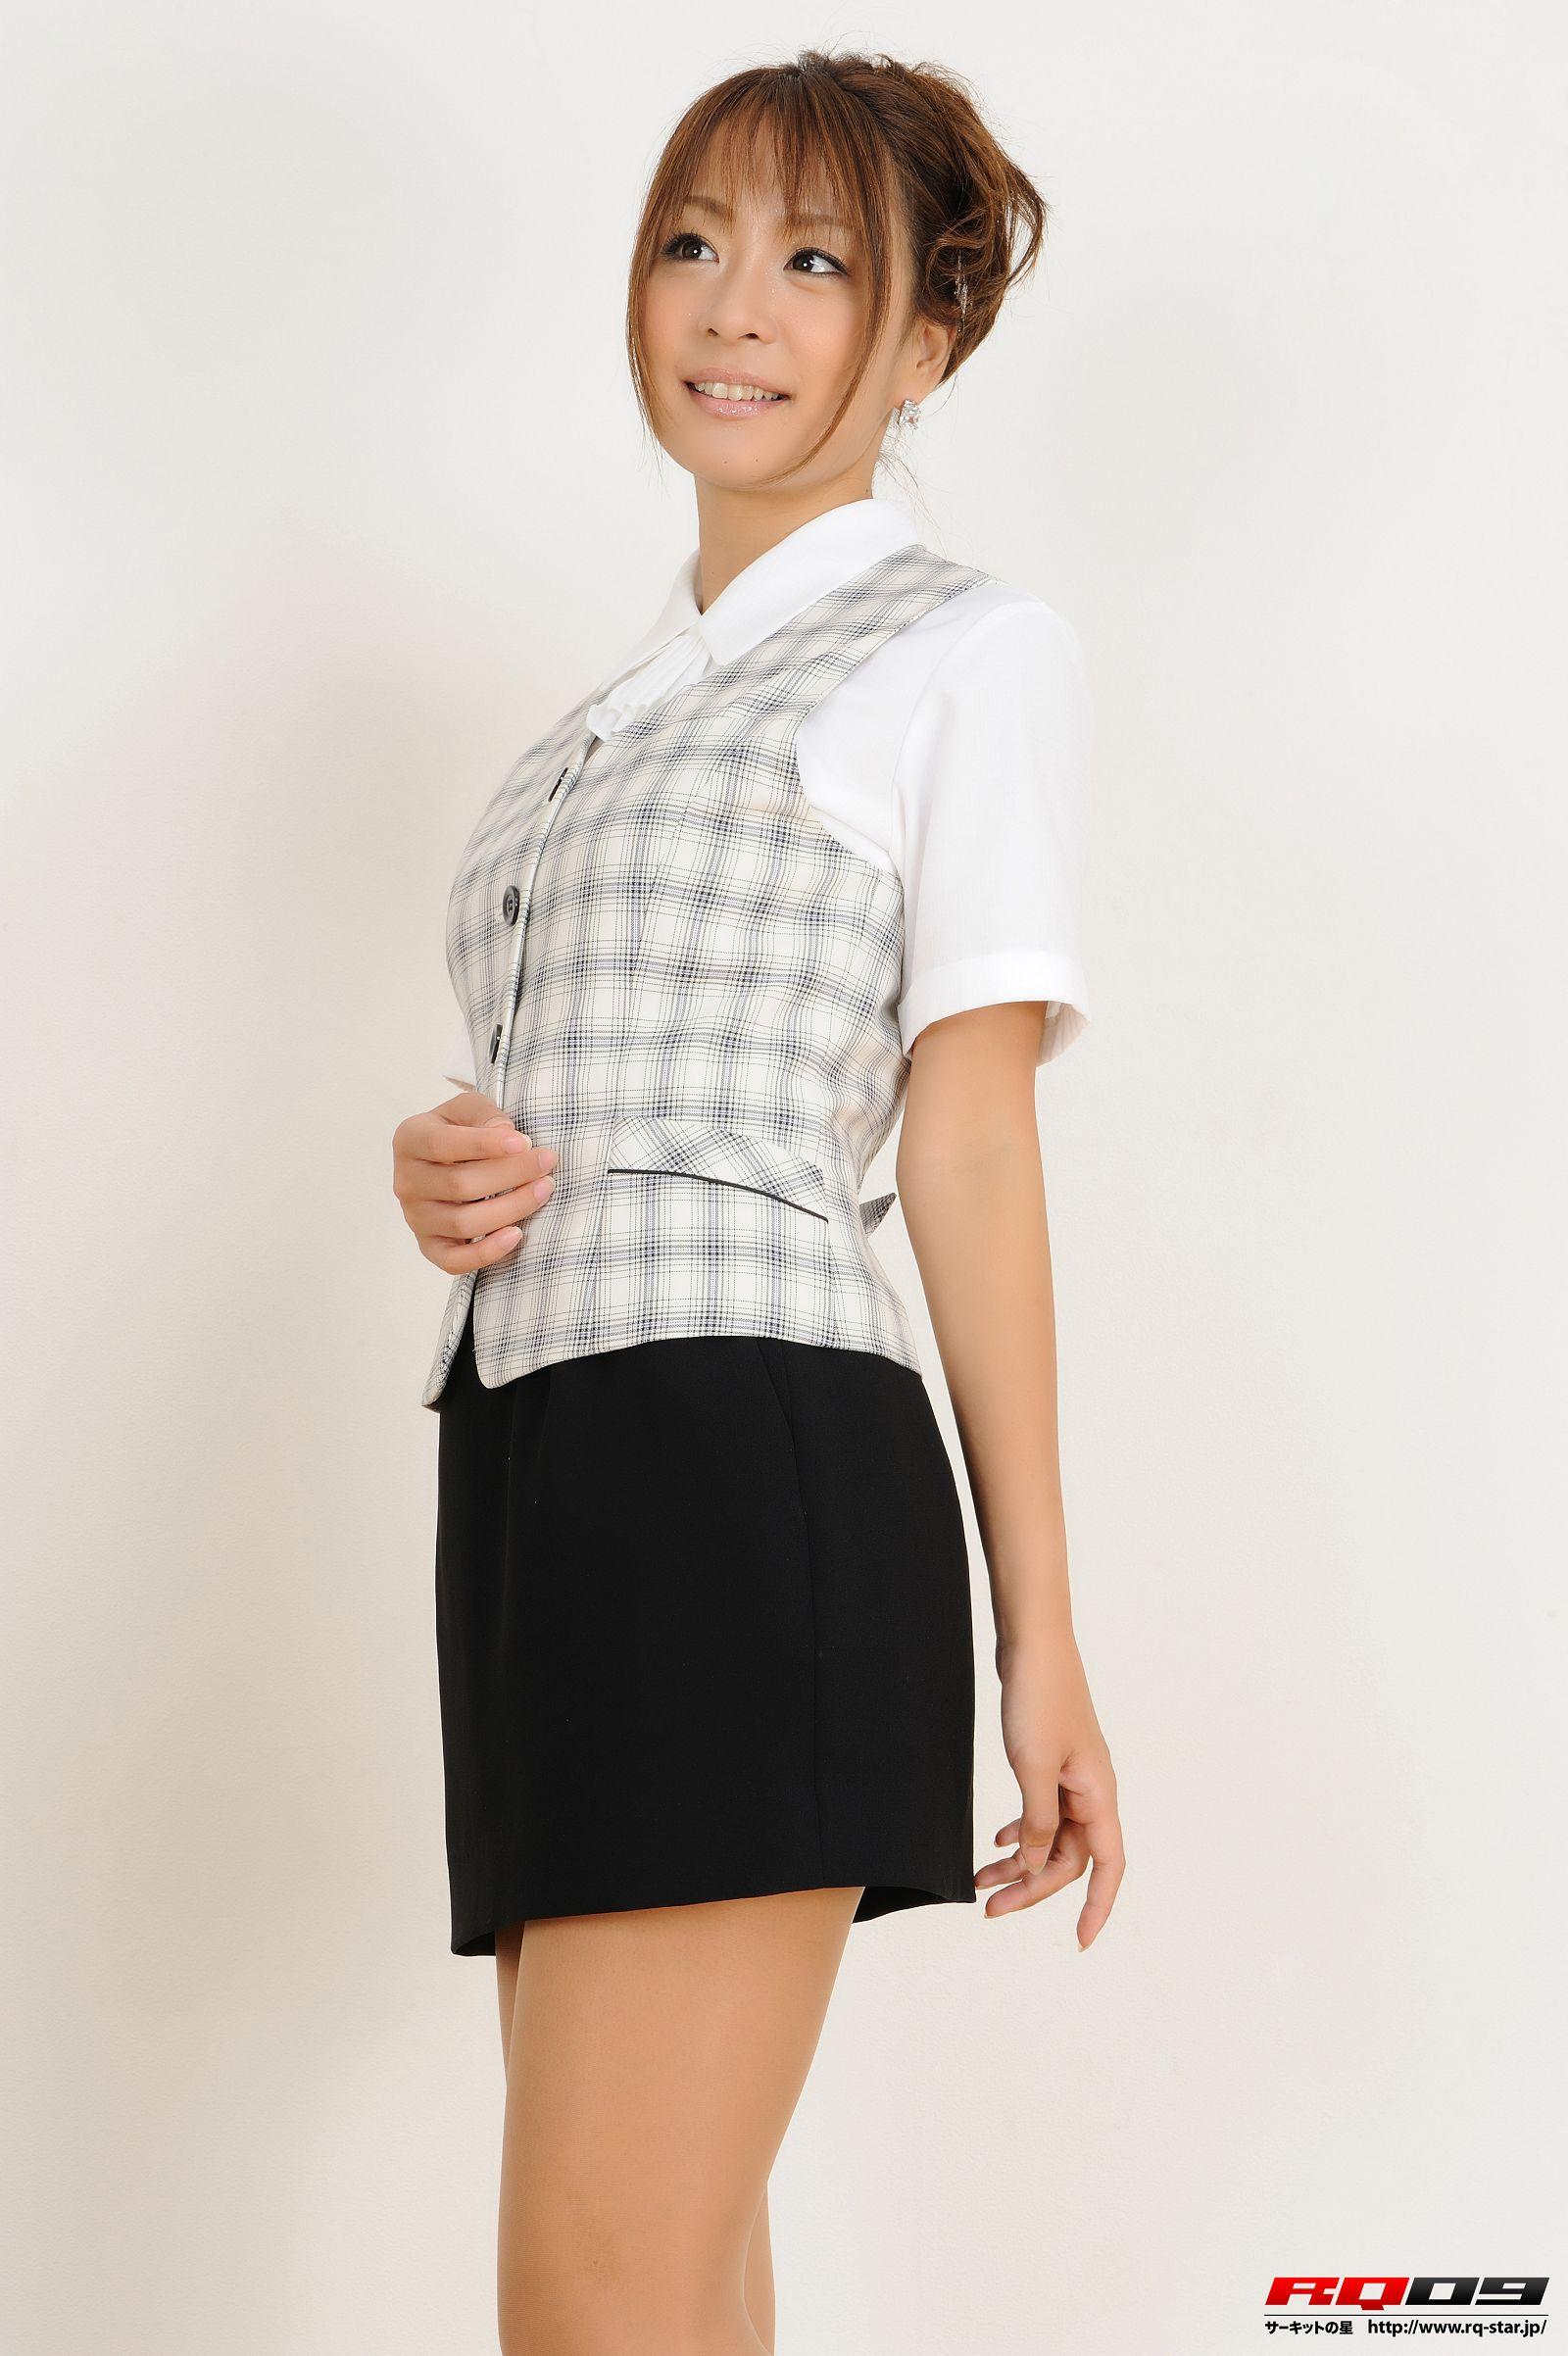 [RQ STAR美女] NO.0204 Yuuki Aikawa 相川友希 Office Lady[100P] RQ STAR 第4张